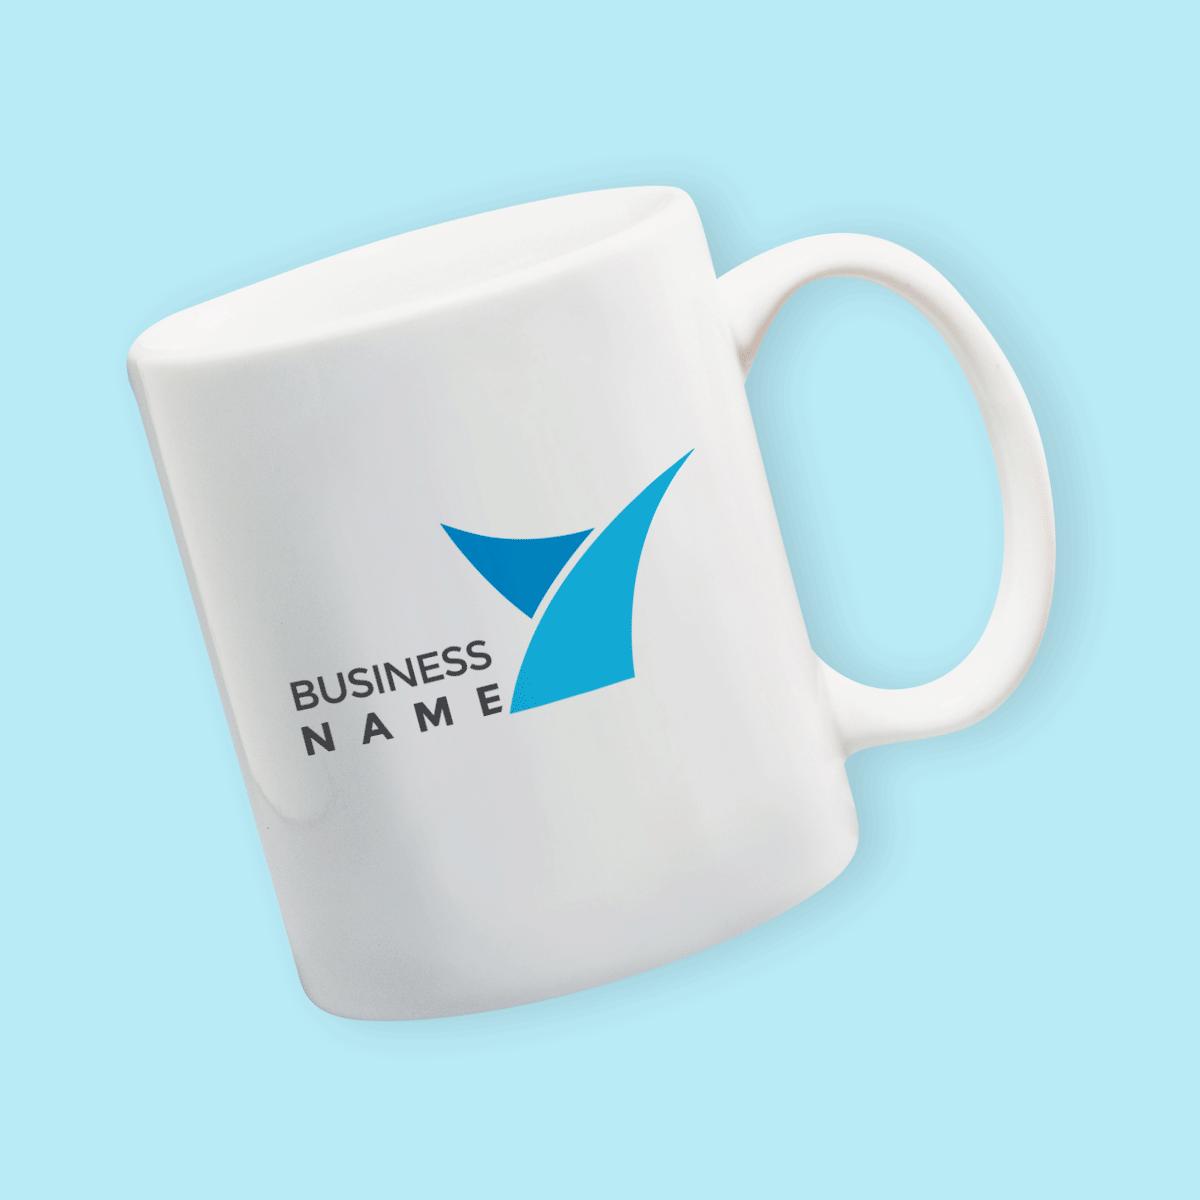 Personalised Mugs | Custom Mugs Design and Print | ez printers